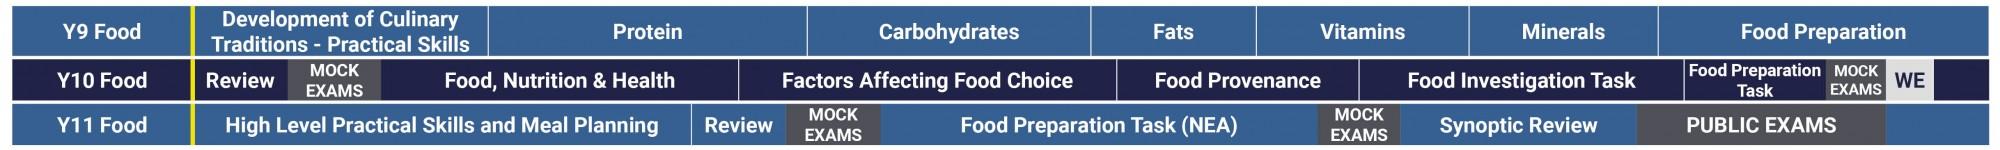 Food Curriculum 2021 2022 GCSE